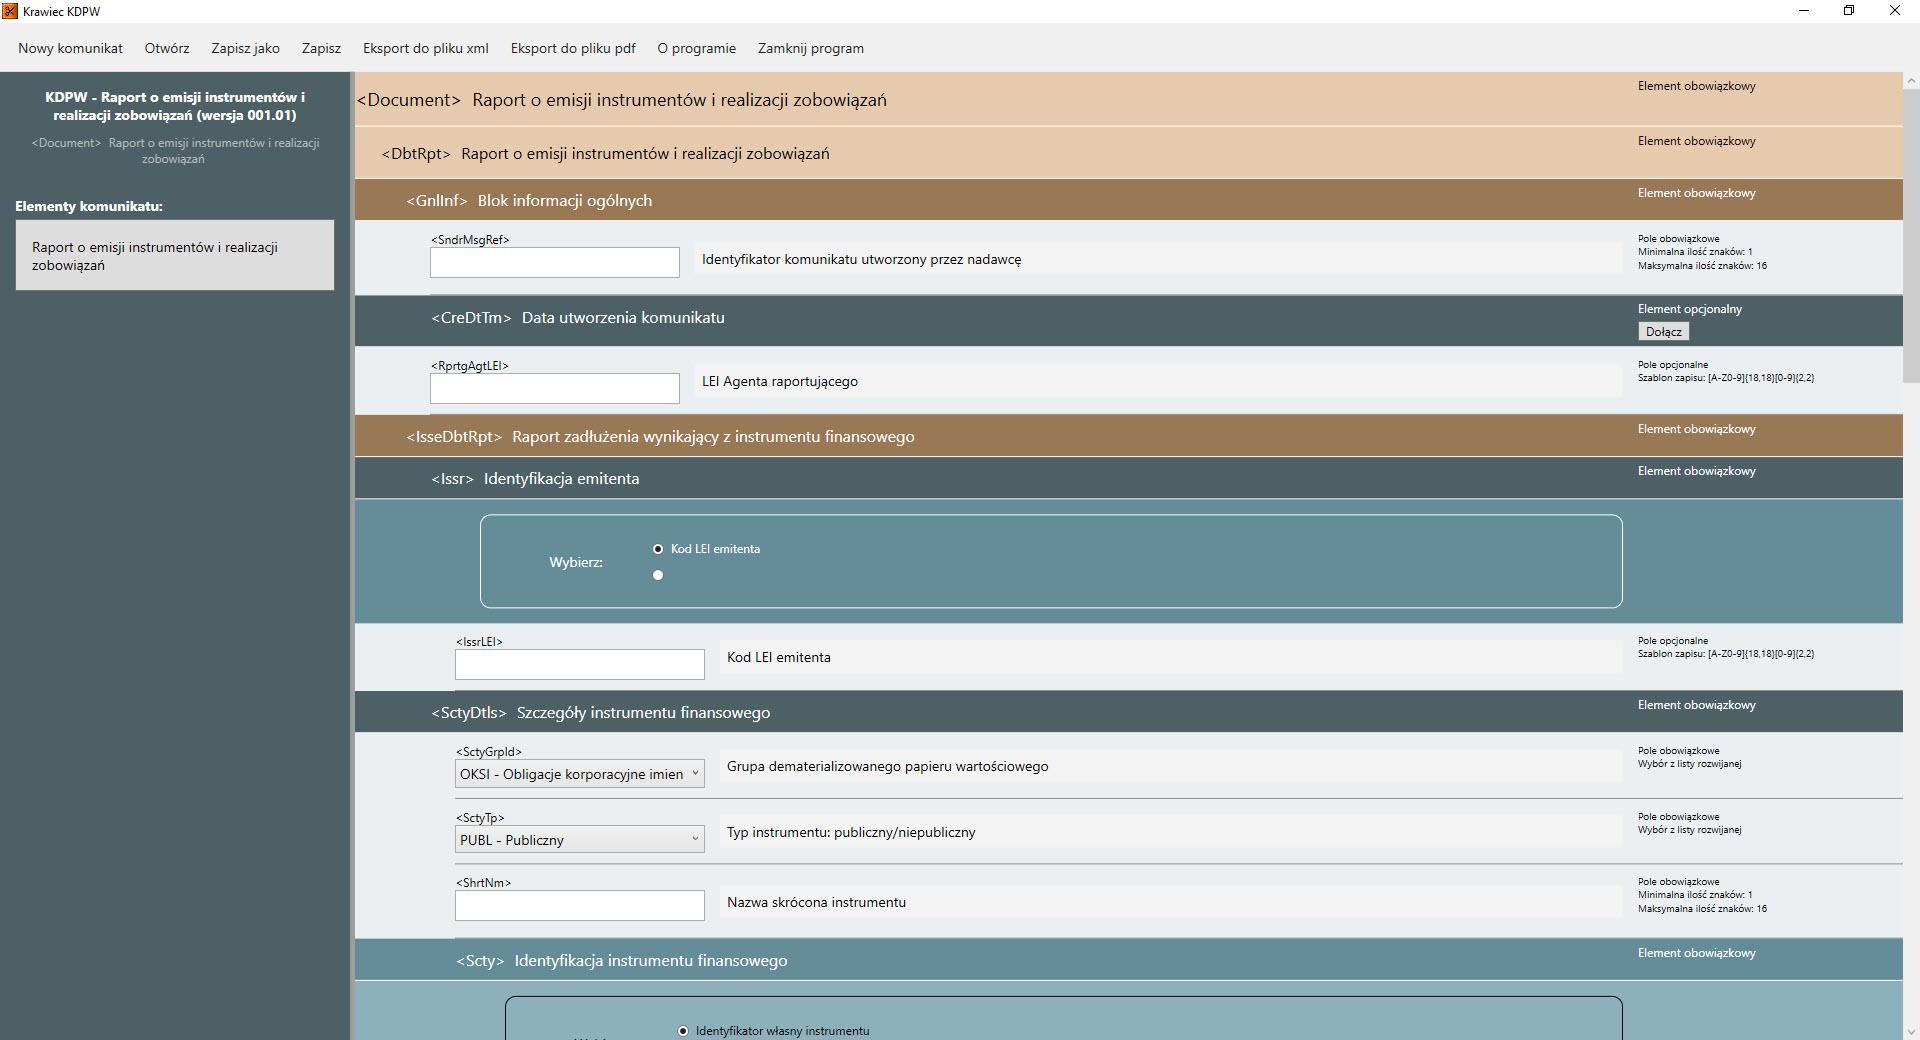 Okna robocze programu do obsługi papierów wartościowych Krawiec KDPW